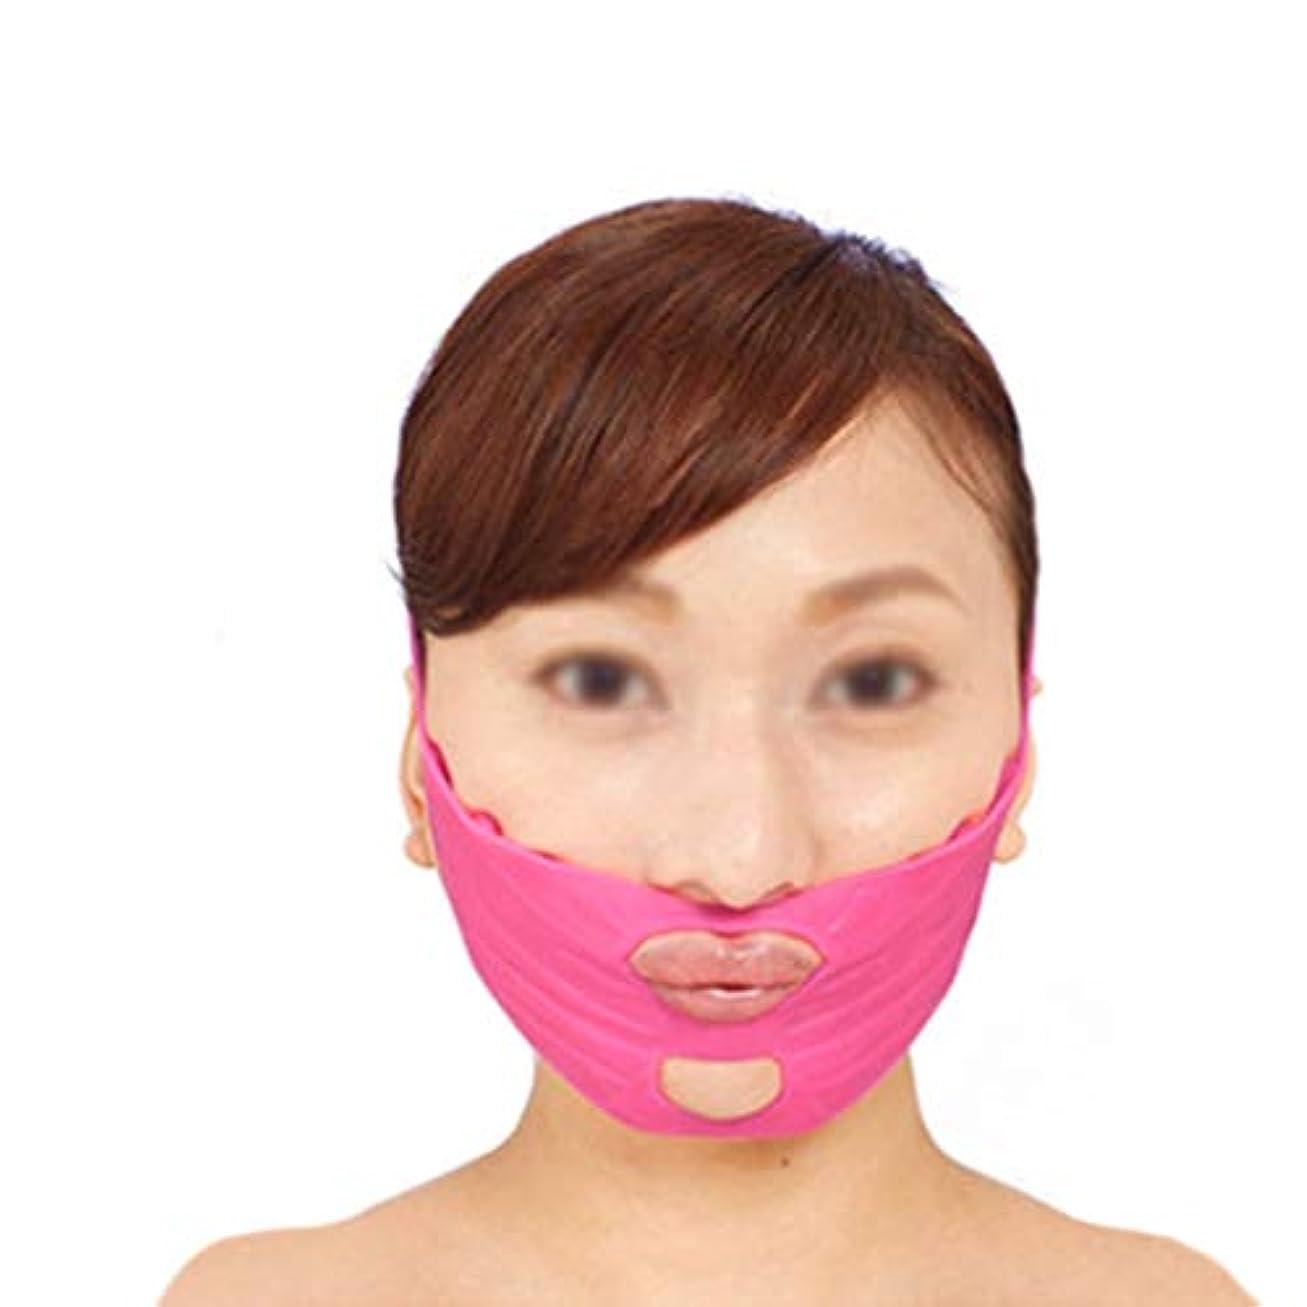 村衛星フィラデルフィアフェイスストラップ付きマスク、プルアップフェイスマスク、フェイスリフティングマスク、フェイス締め付け包帯、フェイスリフティング包帯、フェイスバンドを持ち上げて二重あごを減らす(ピンク、ワンサイズ)